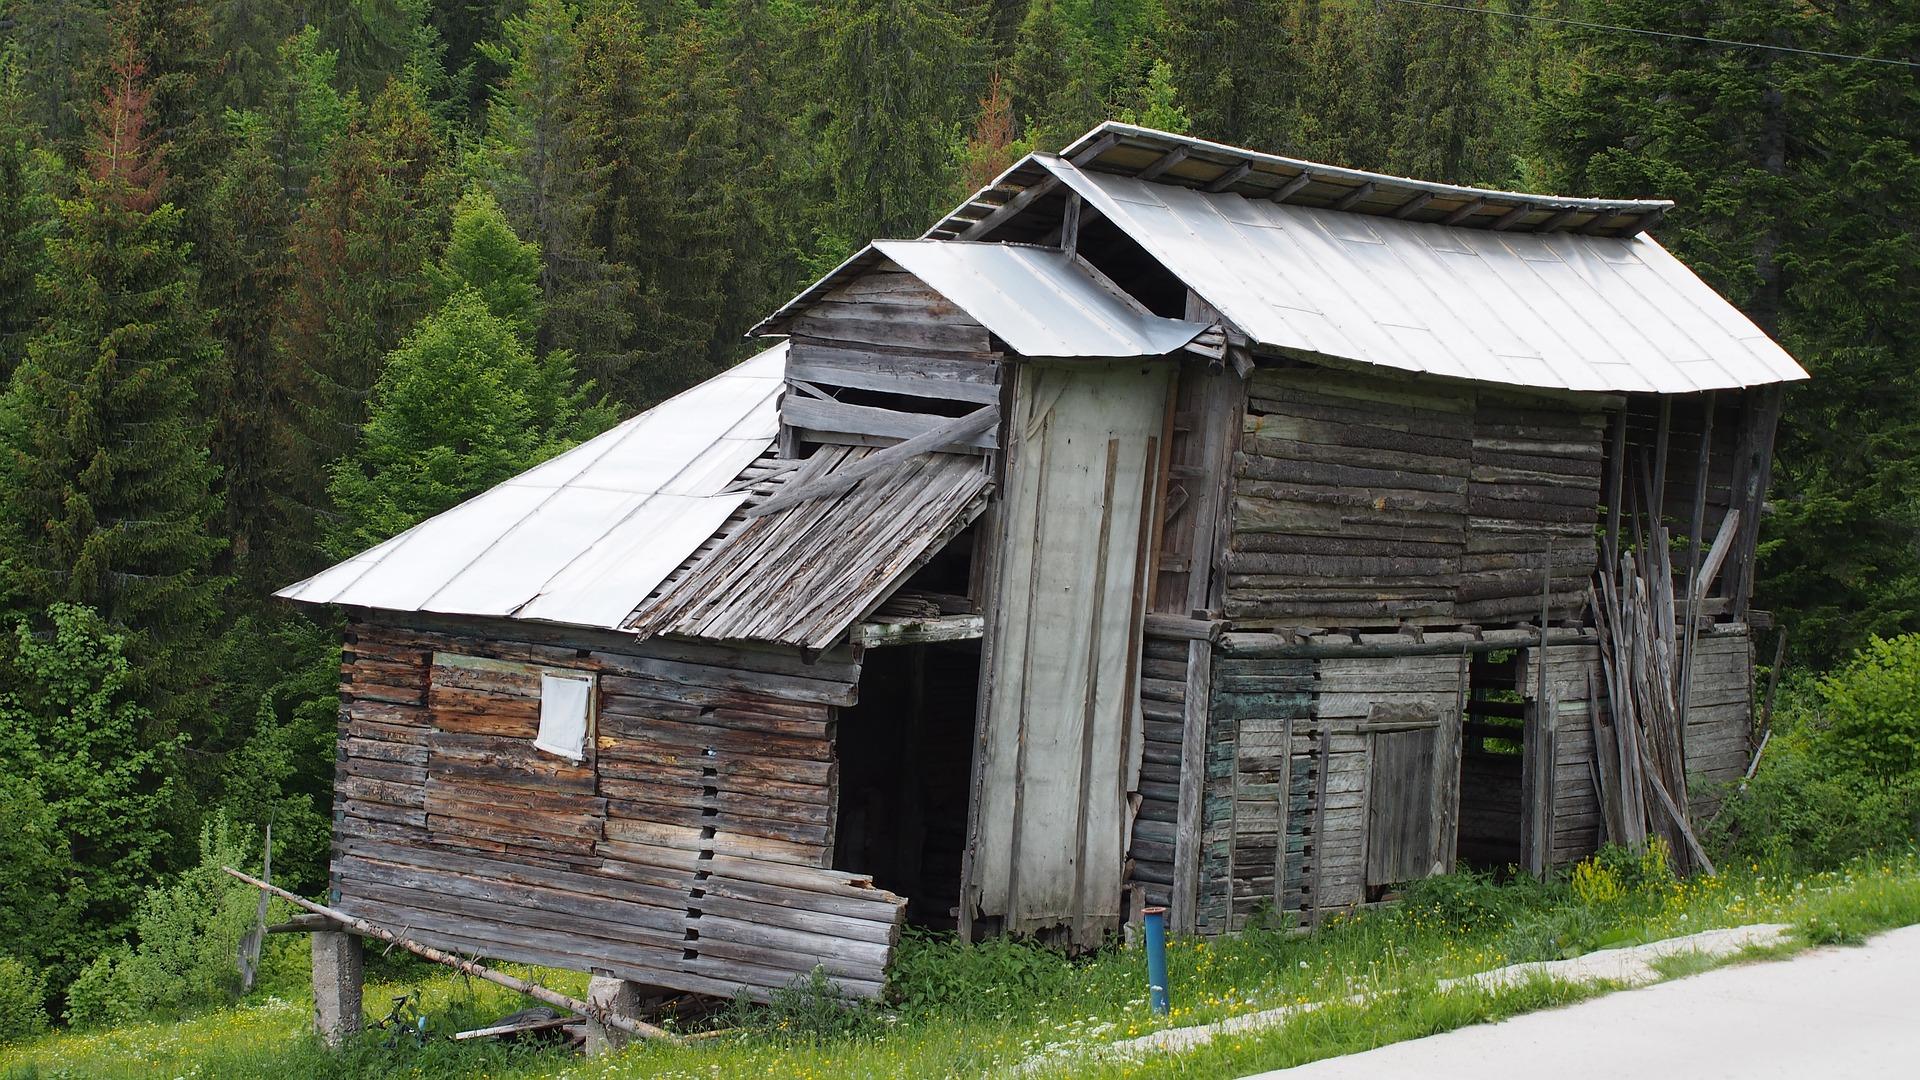 shack-2657936_1920.jpg